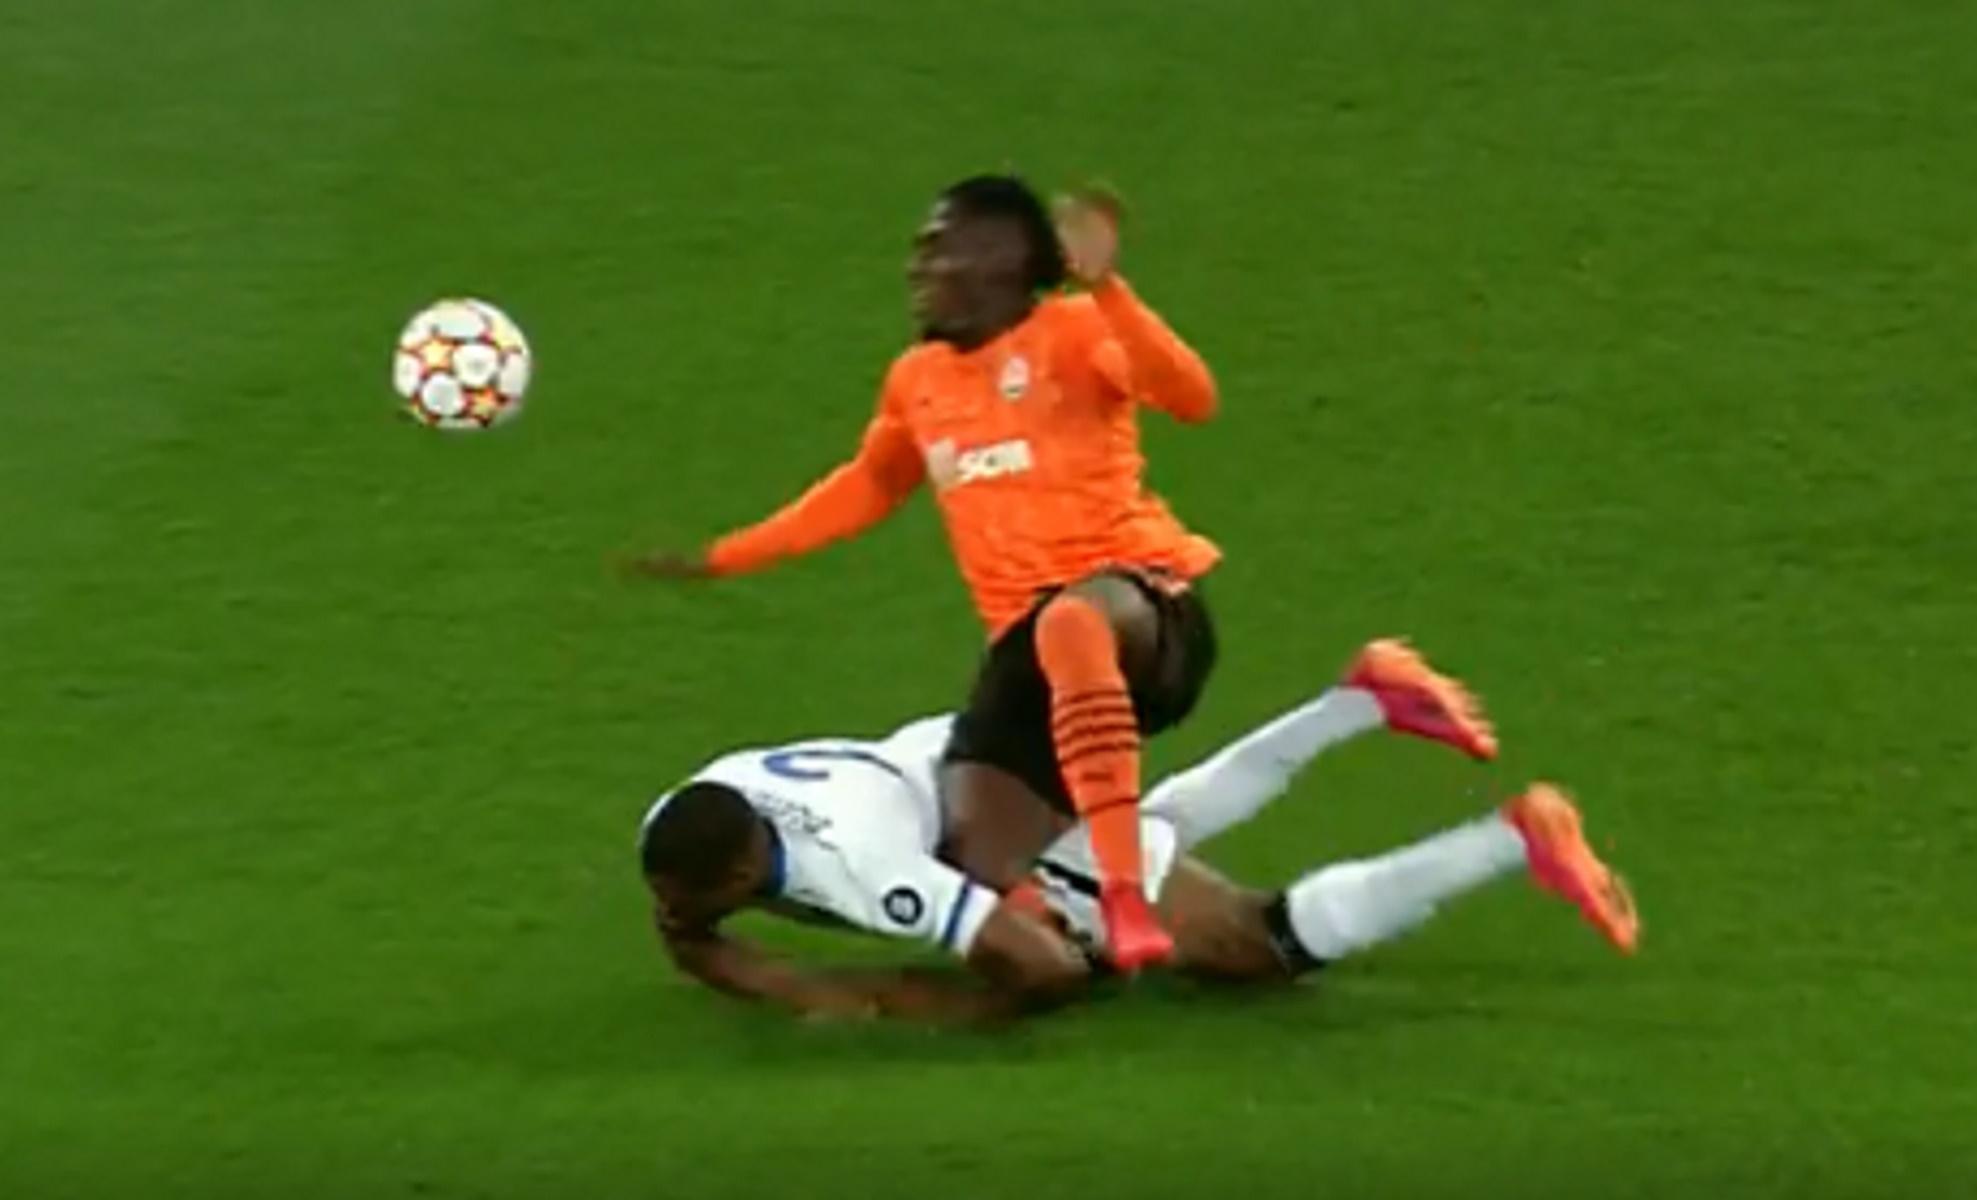 Champions League, Σαχτάρ – Ίντερ: Ο σοκαριστικός τραυματισμός του Τραορέ